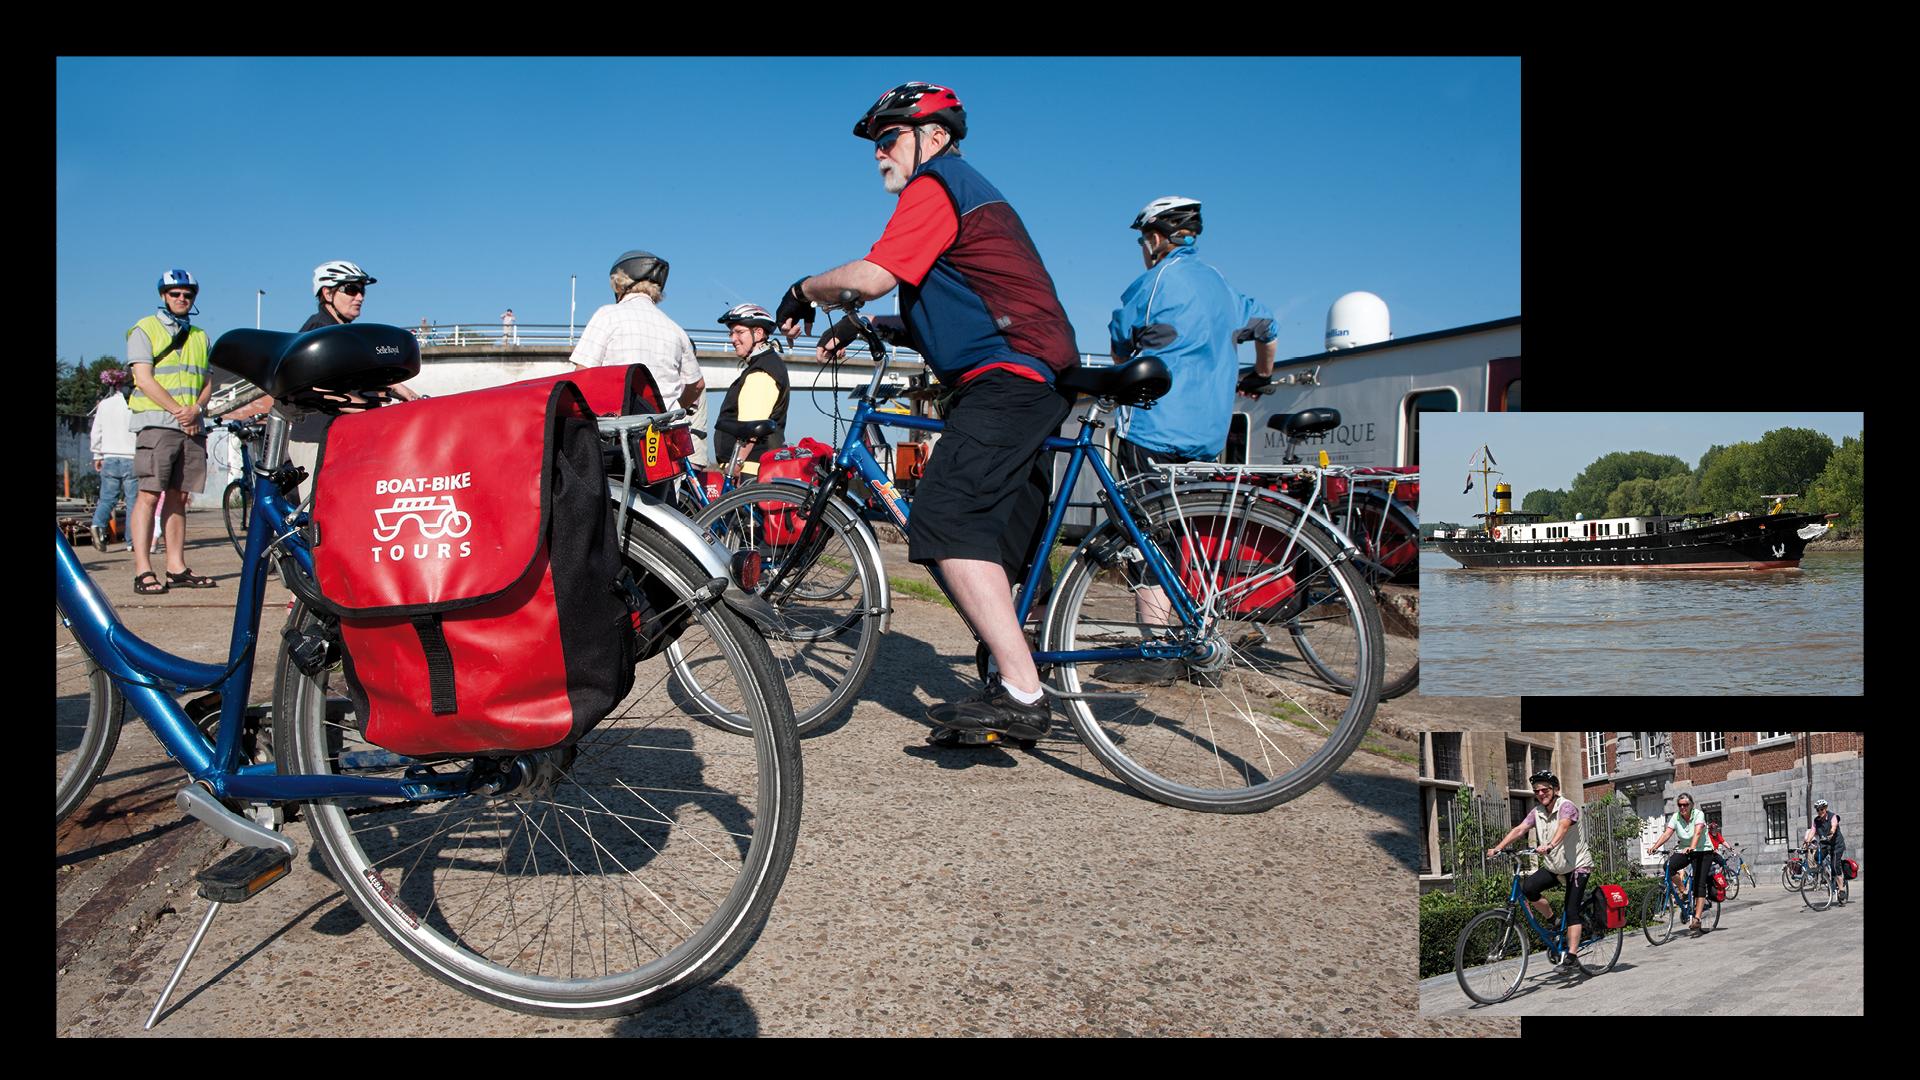 03 Boat Bike Tours fietsvakanties